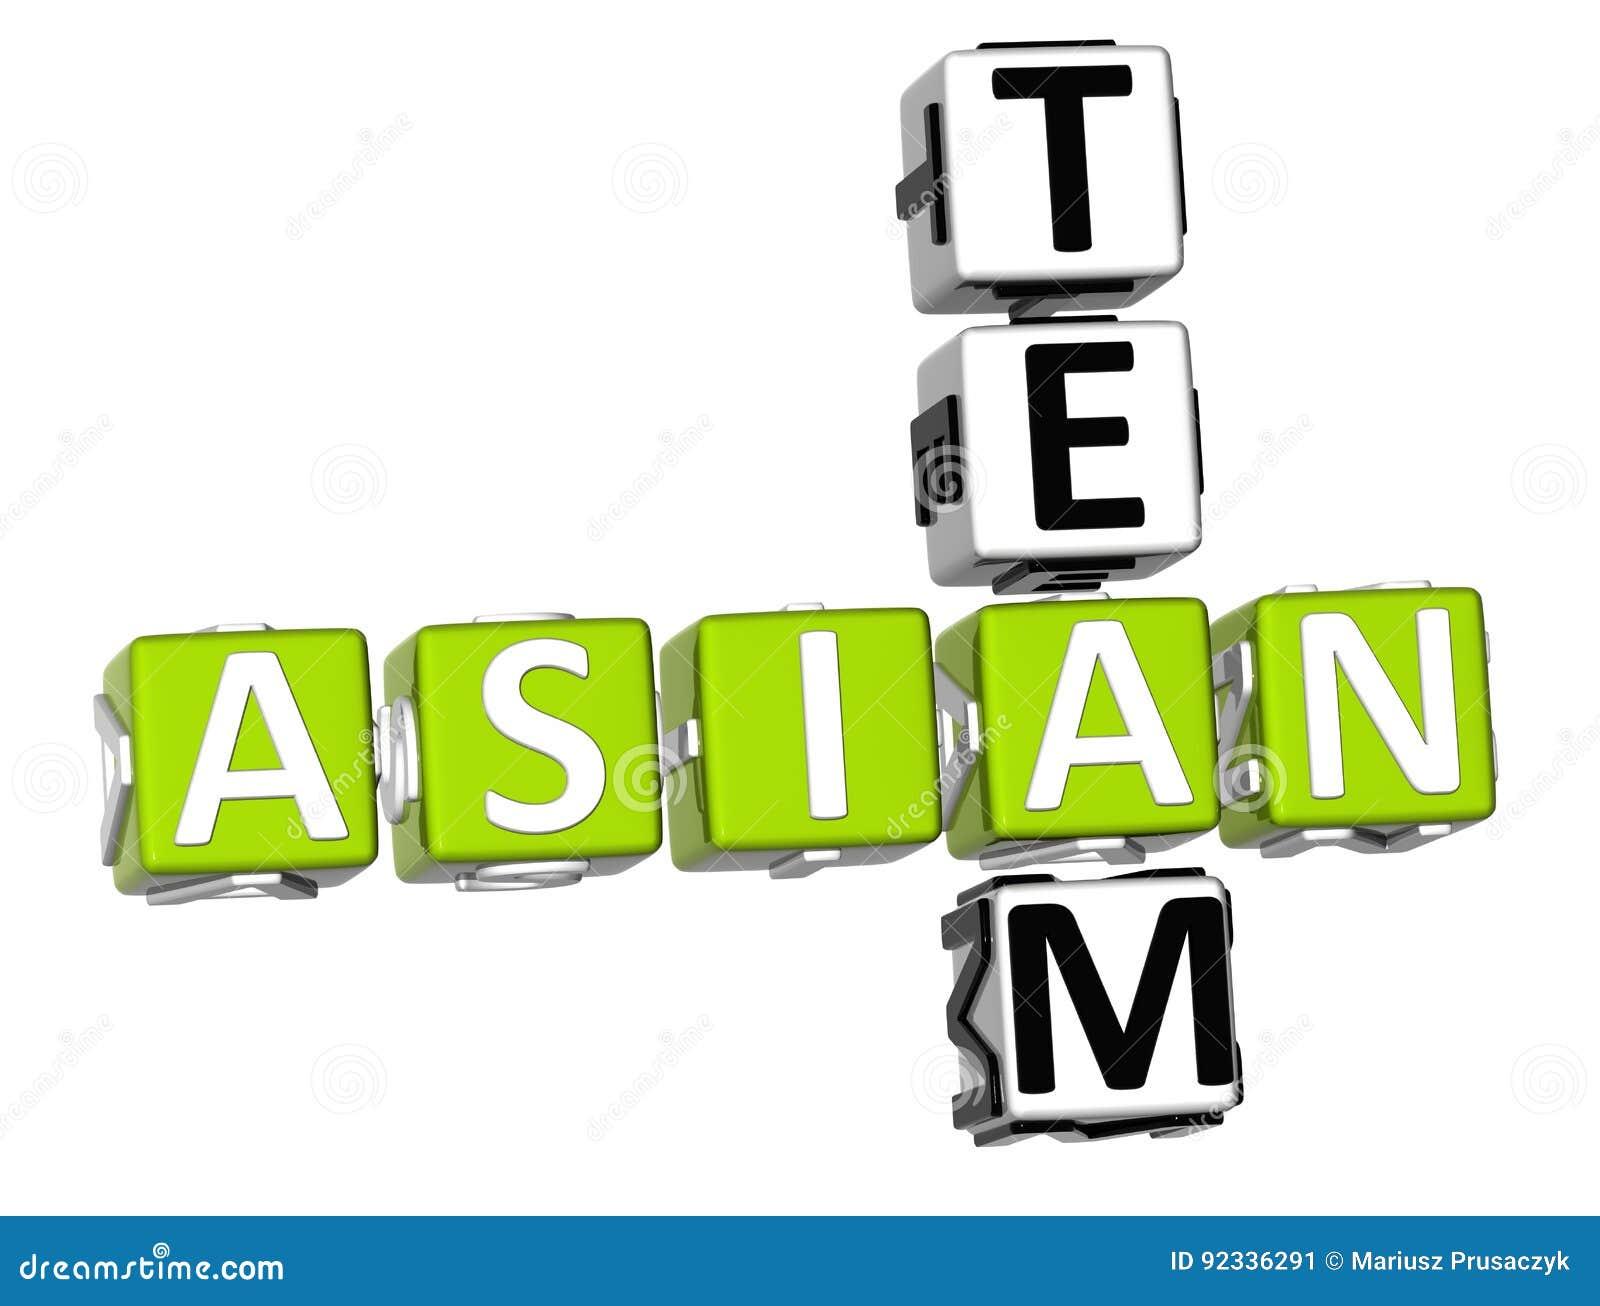 Asiatique Team Crossword